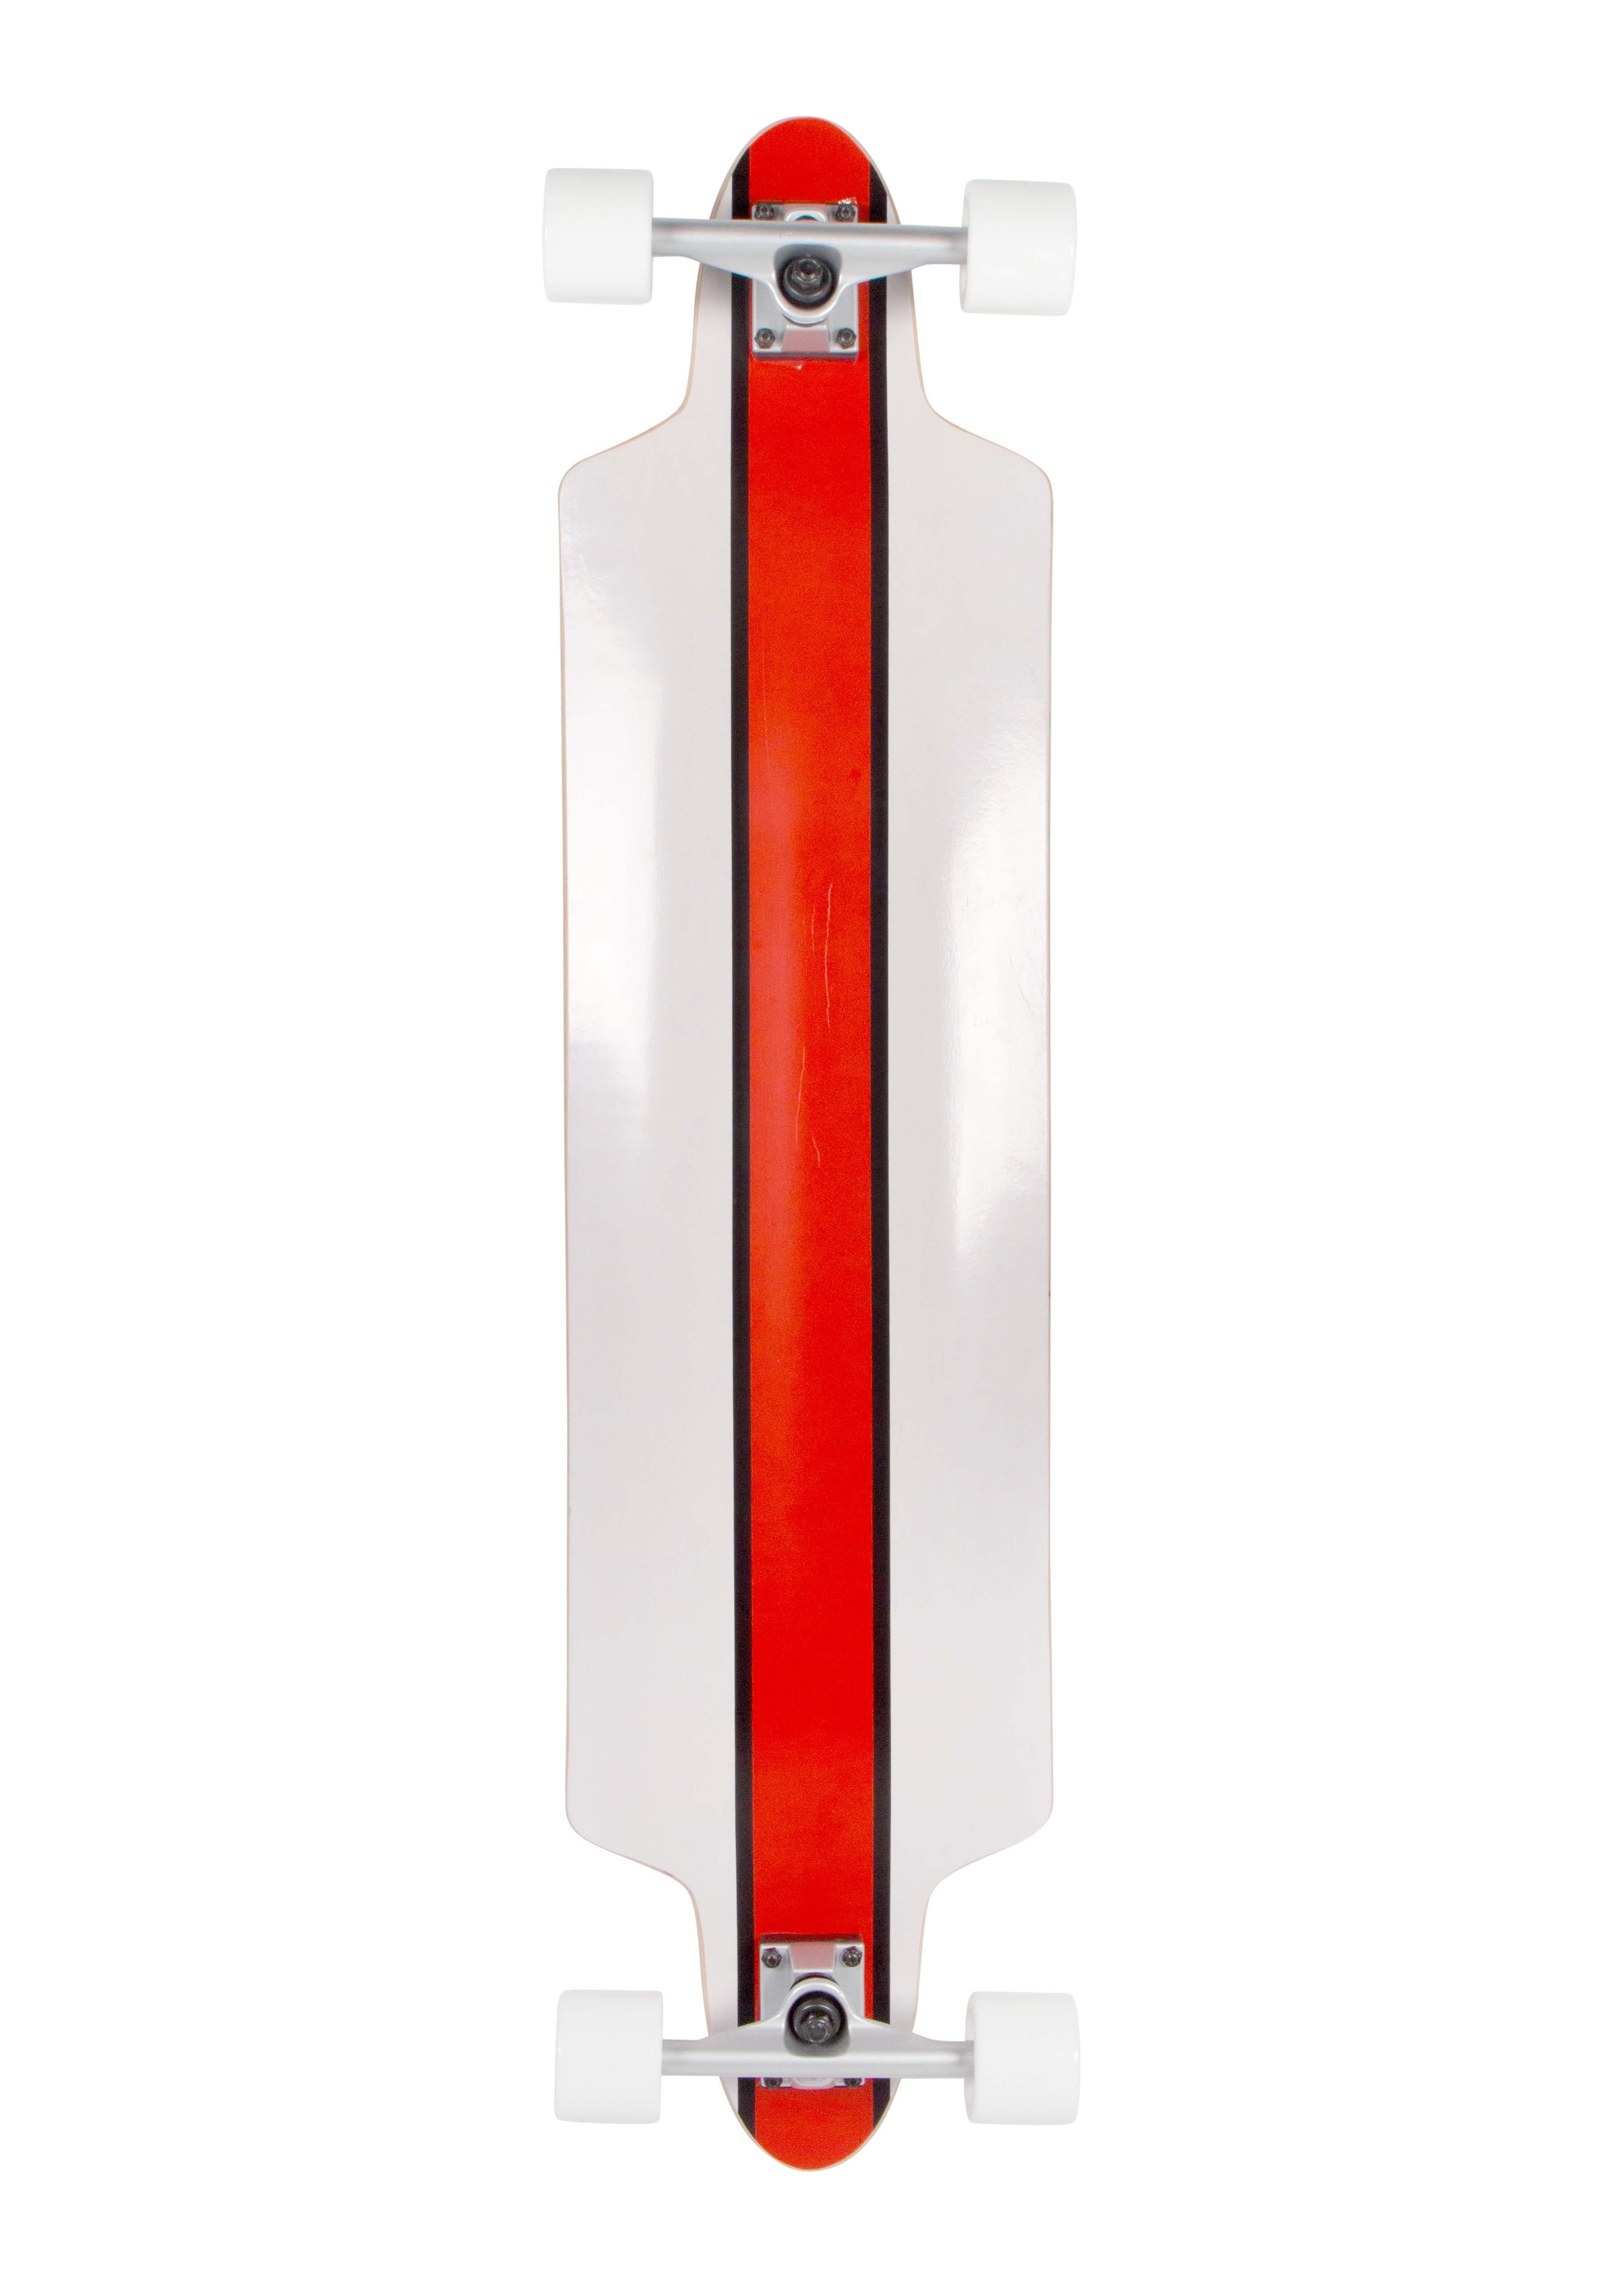 Sportplus Longboard, Longboard Concave - Double Kick, »Redcode SP-SB-104«